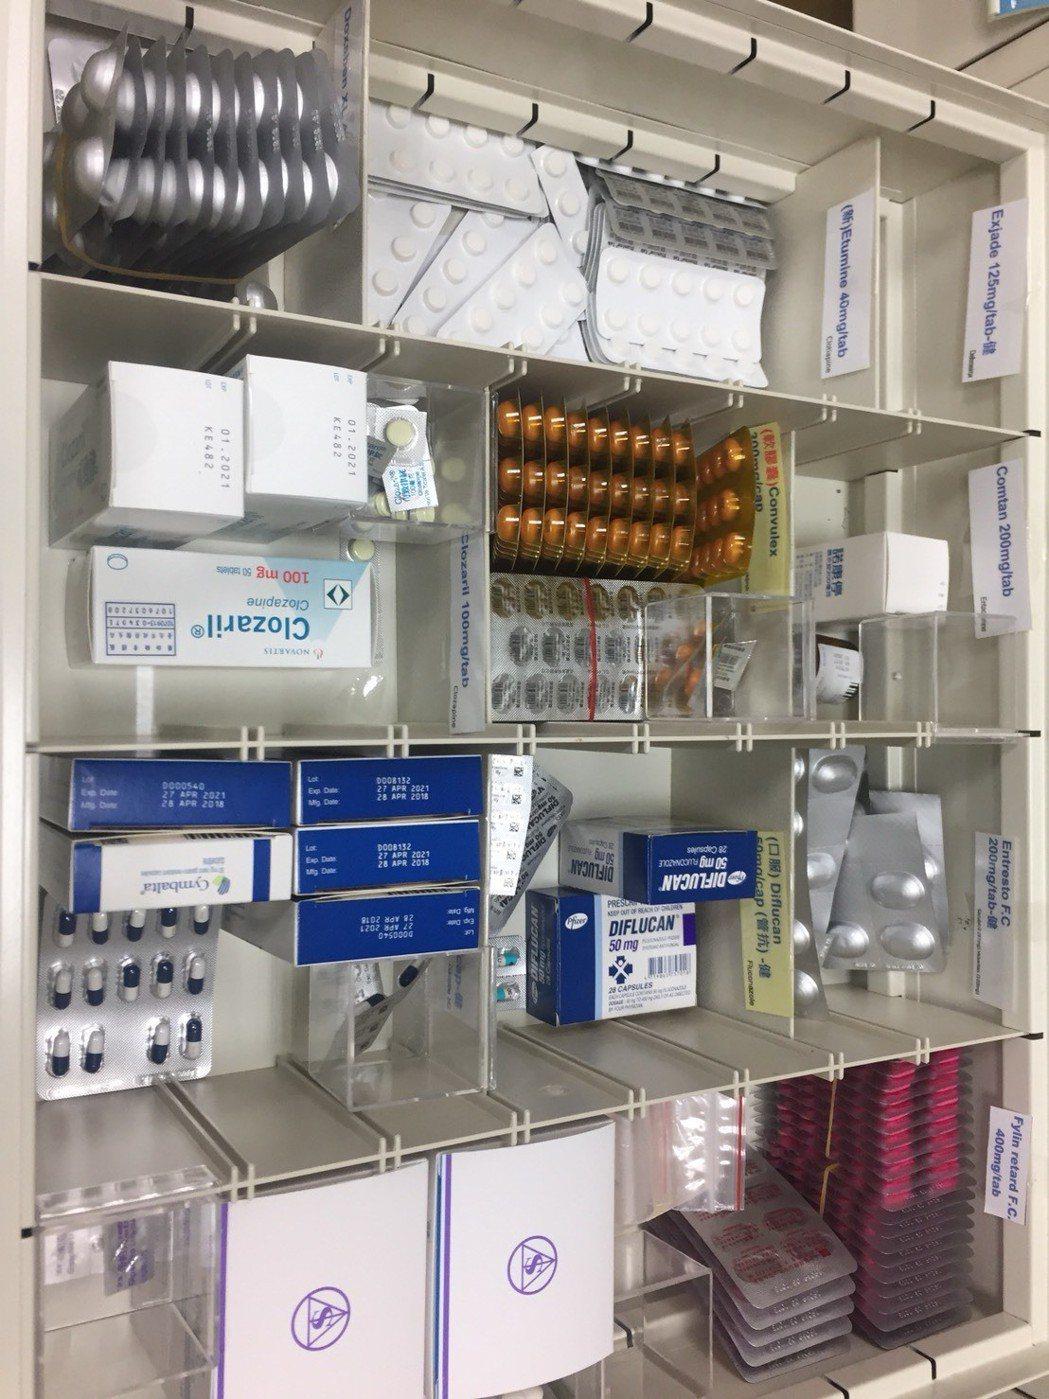 羅東博愛醫院提醒,藥品不可輕忽,一定要經醫師診斷與確認才能服藥。圖/羅東博愛醫院...